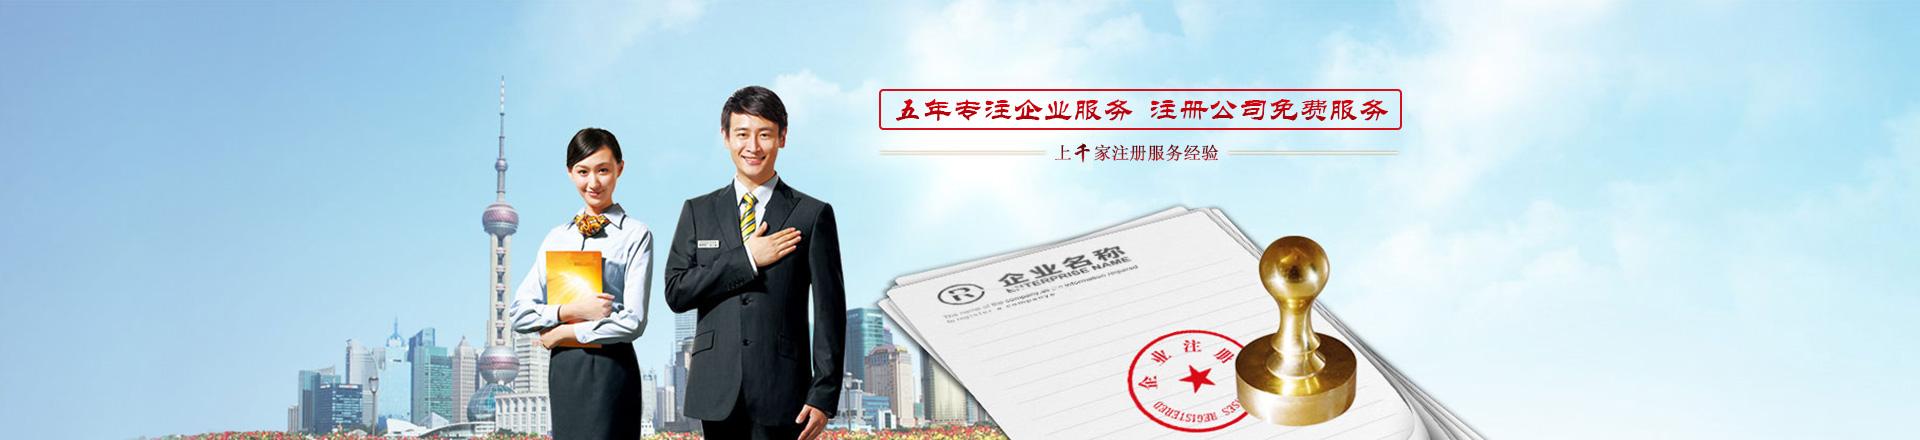 环亚国际首页财务咨询(上海)有限公司